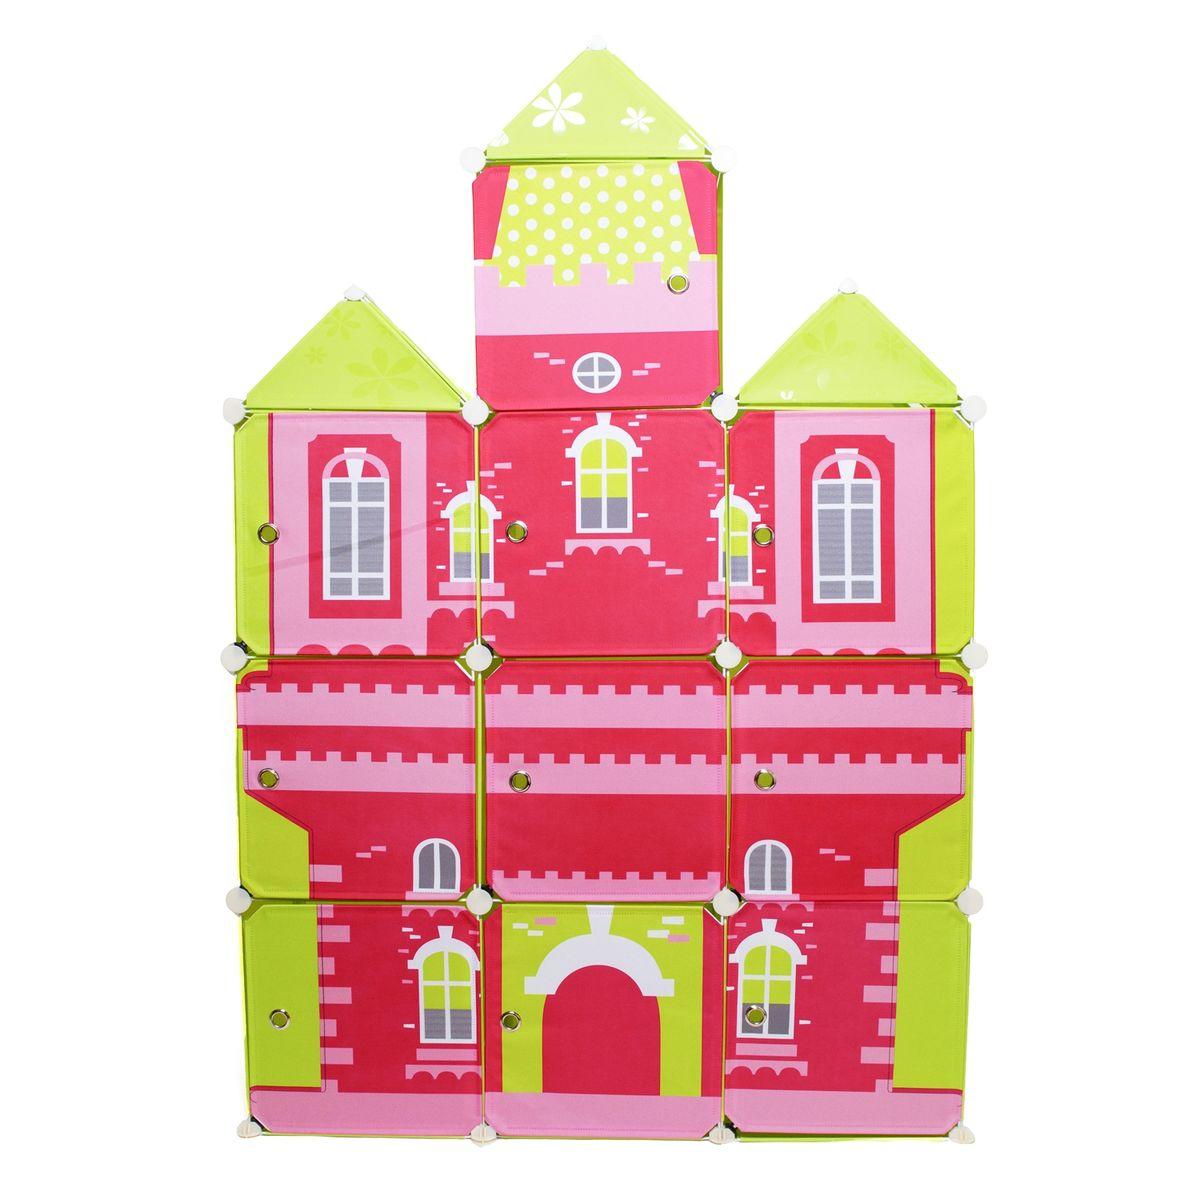 Шкаф детский модульный Homsu Домик, 111 x 39 x 163 смВН 276 БСДетский модульный шкаф Homsu Домик выполнен из пластика и металла. Приучить детей к порядку легко, если им нужно будет складывать вещи в яркий разноцветный домик. Детский модульный шкаф - это отличная система для хранения детских вещей. Он представляет собой несколько сборных модульных кубов, с дверцами, которые легко собираются в веселый домик красного цвета с желтыми башенками. В шкаф можно складывать игрушки, одежду и прочие детские вещи. Размер: 111 х 39 х 163 см.